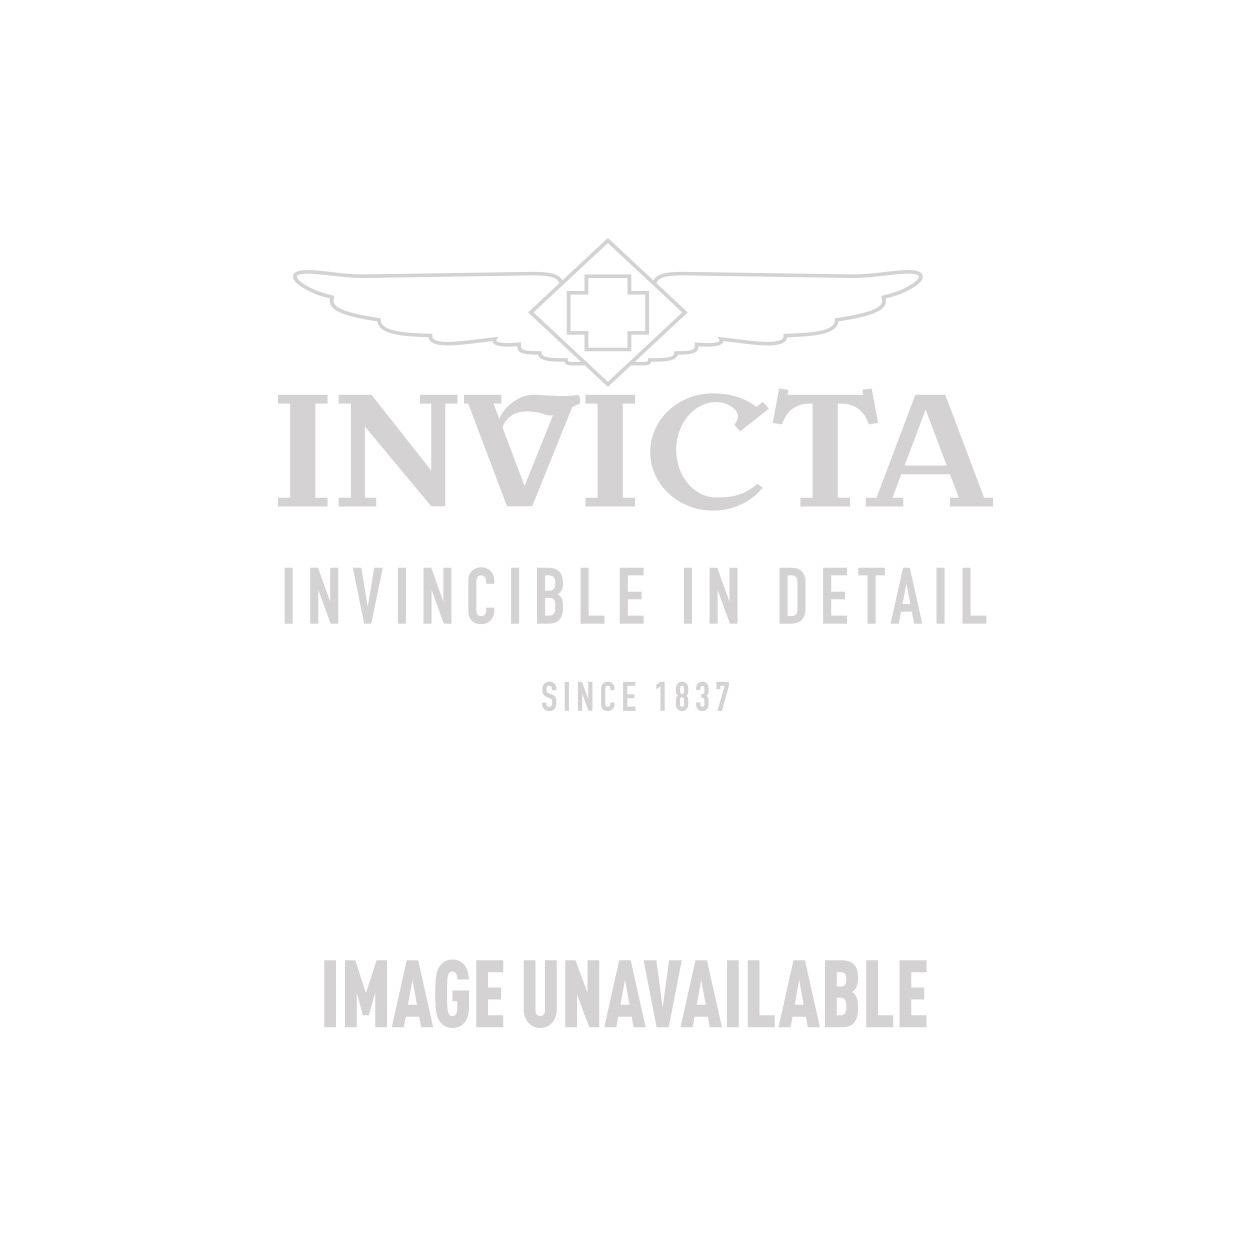 Invicta Model 27320